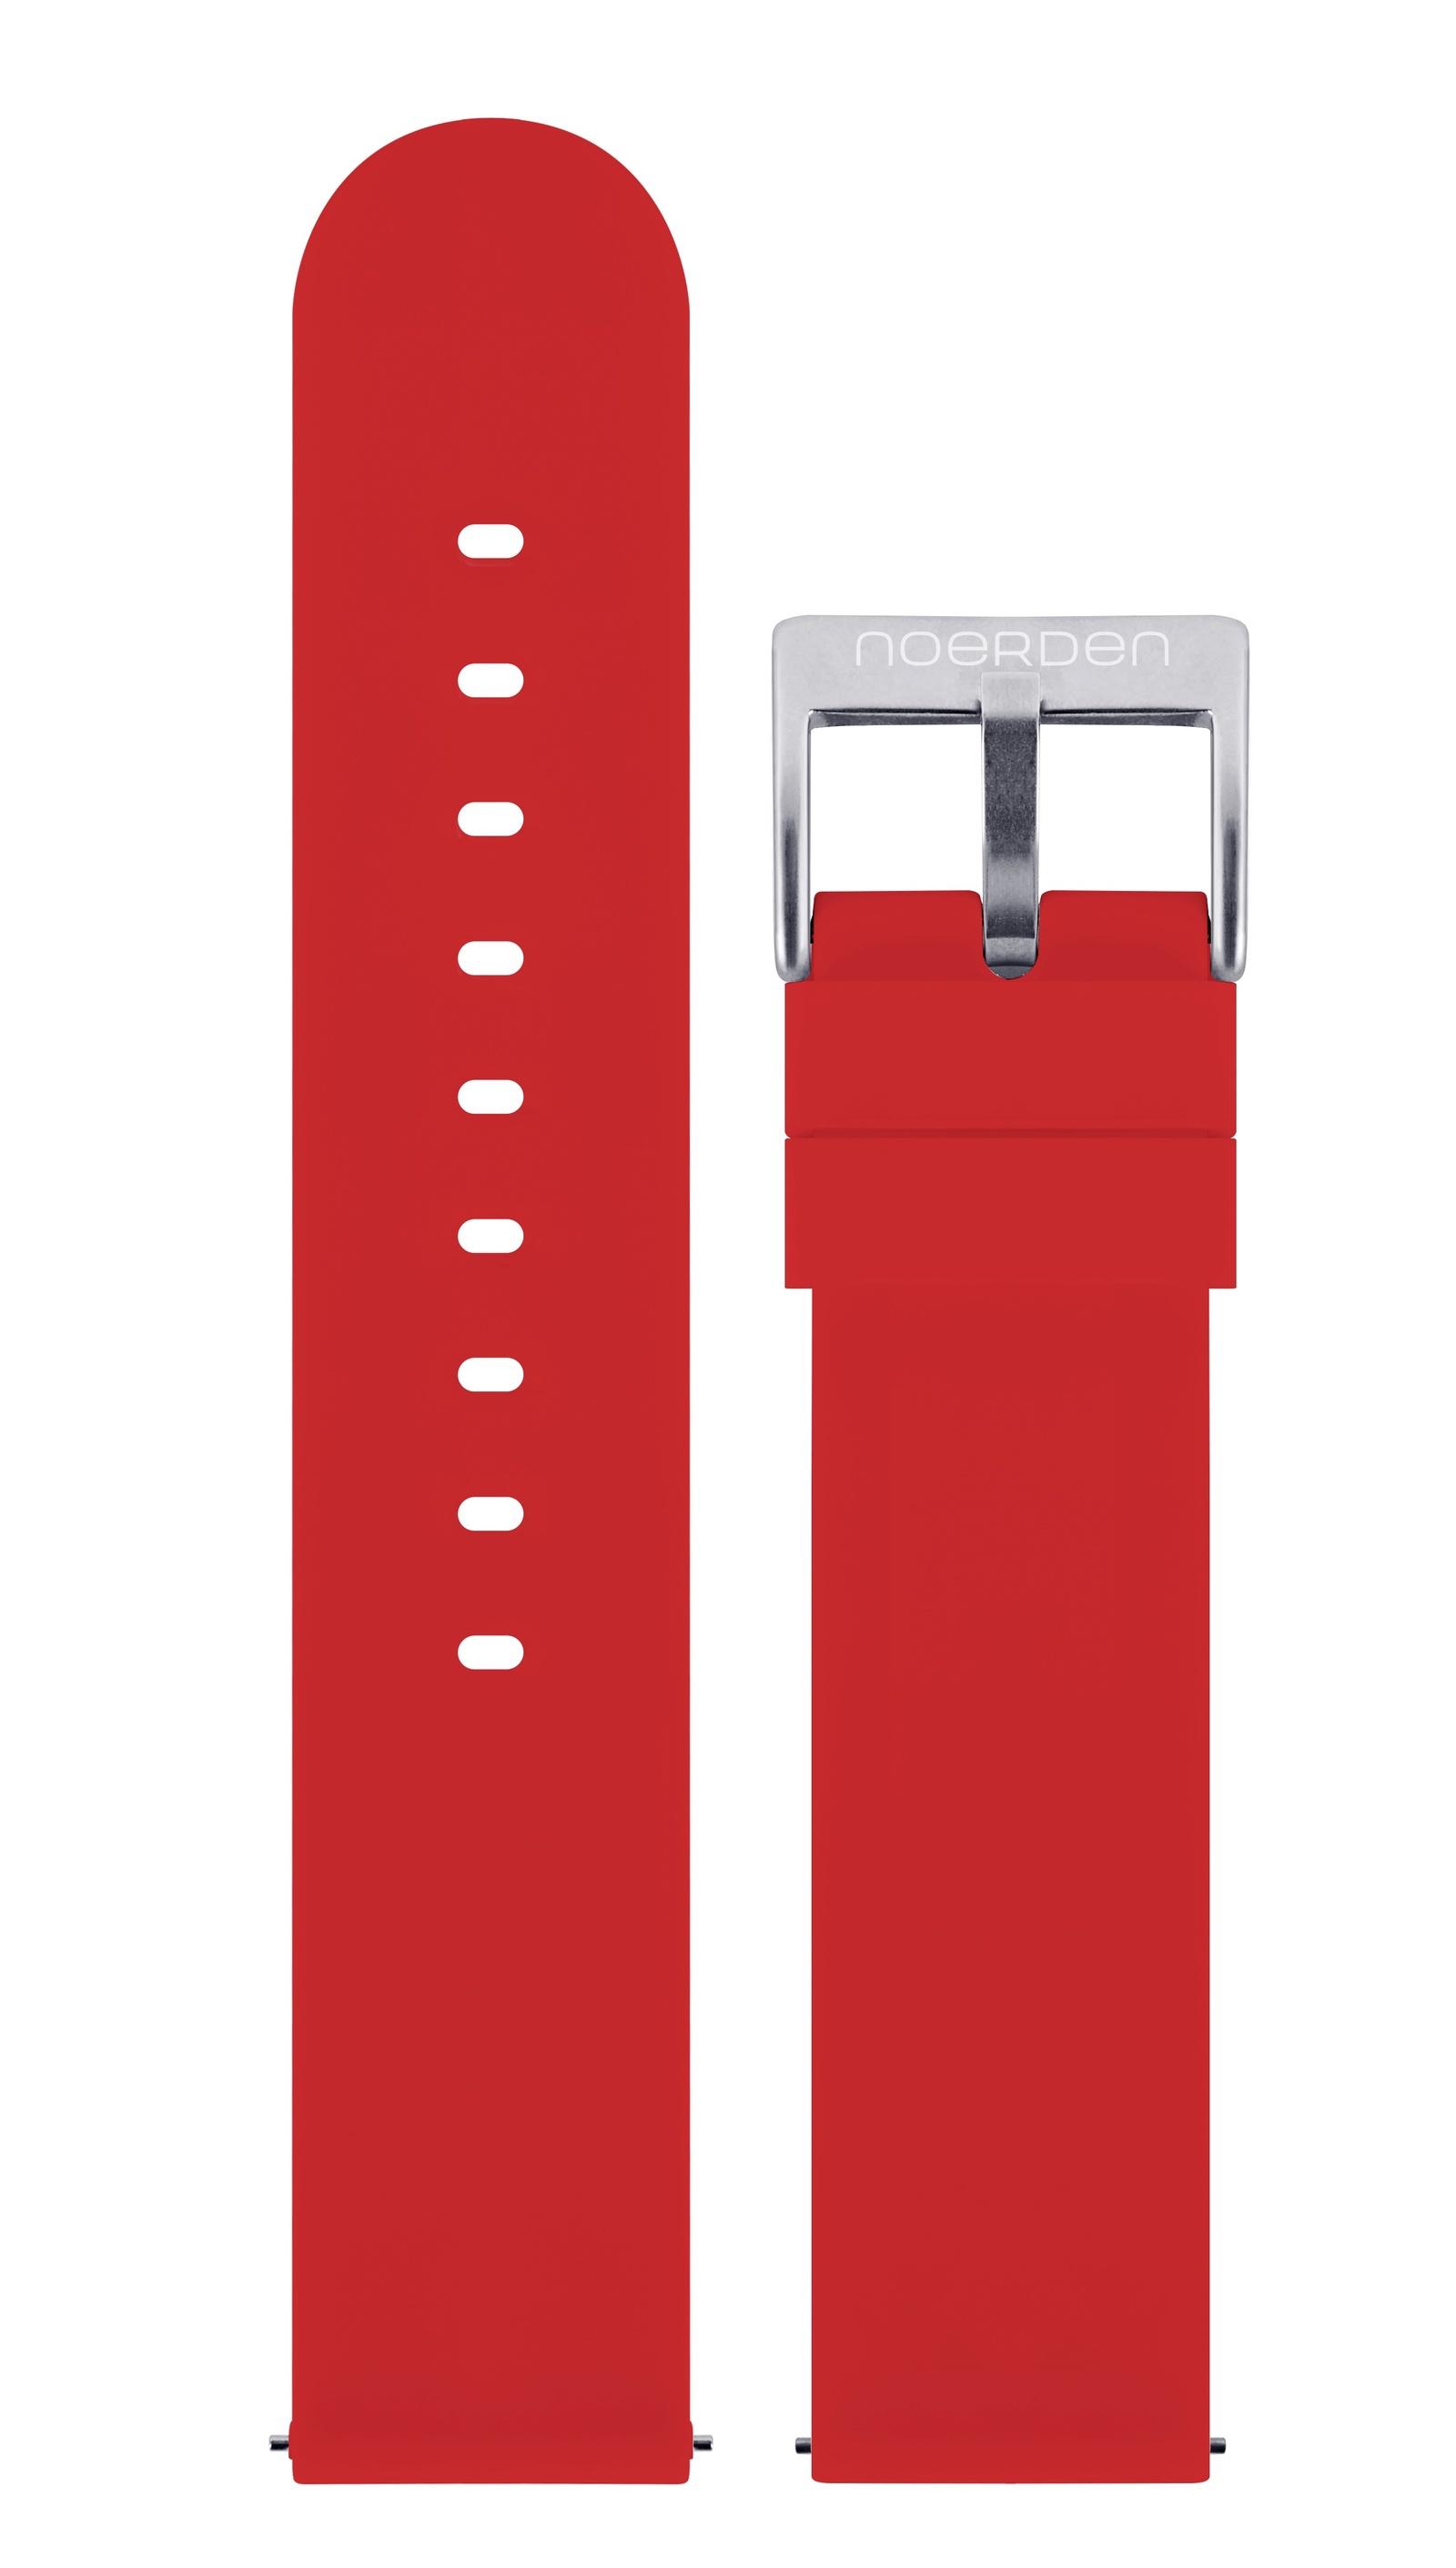 Ремешок для смарт-часов Noerden Универсальный 20 мм, силиконовый, PAB-0006, красный mango life2